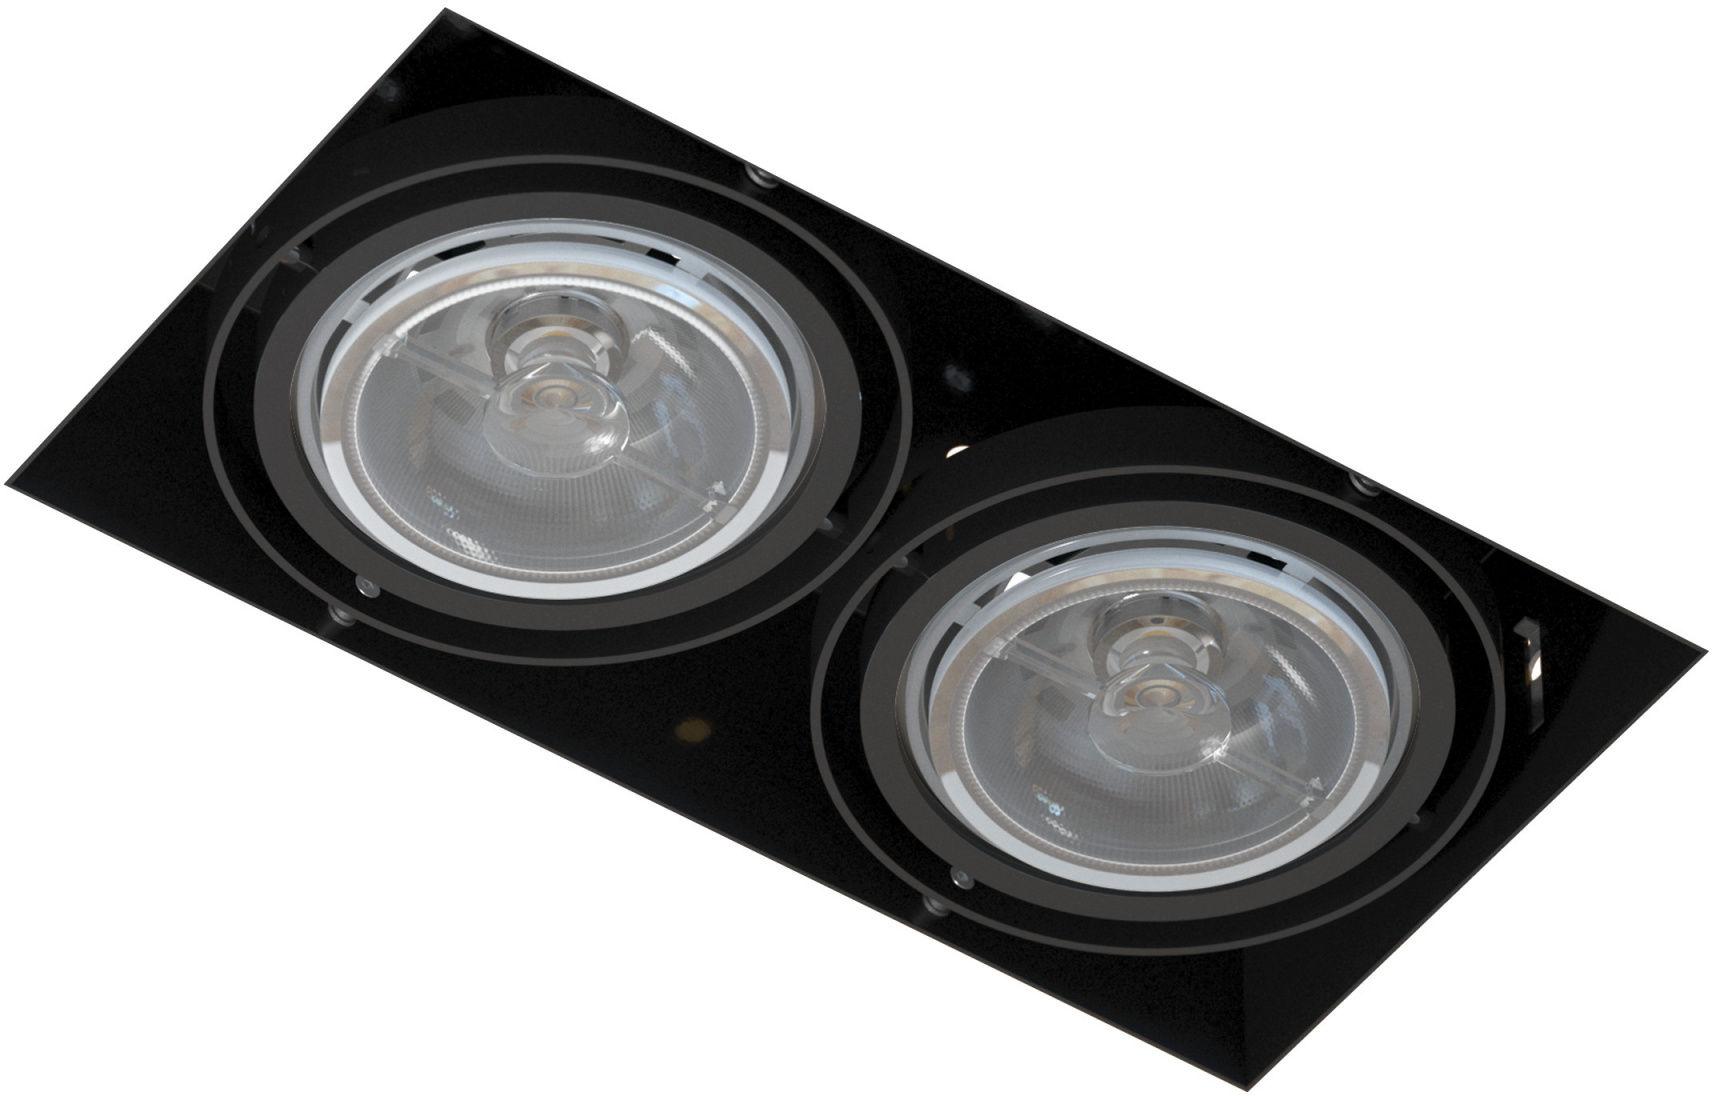 Oprawa wpuszczana bezramkowa podwójna Mara T018PB2Bh116 Cleoni nowoczesna lampa sufitowa